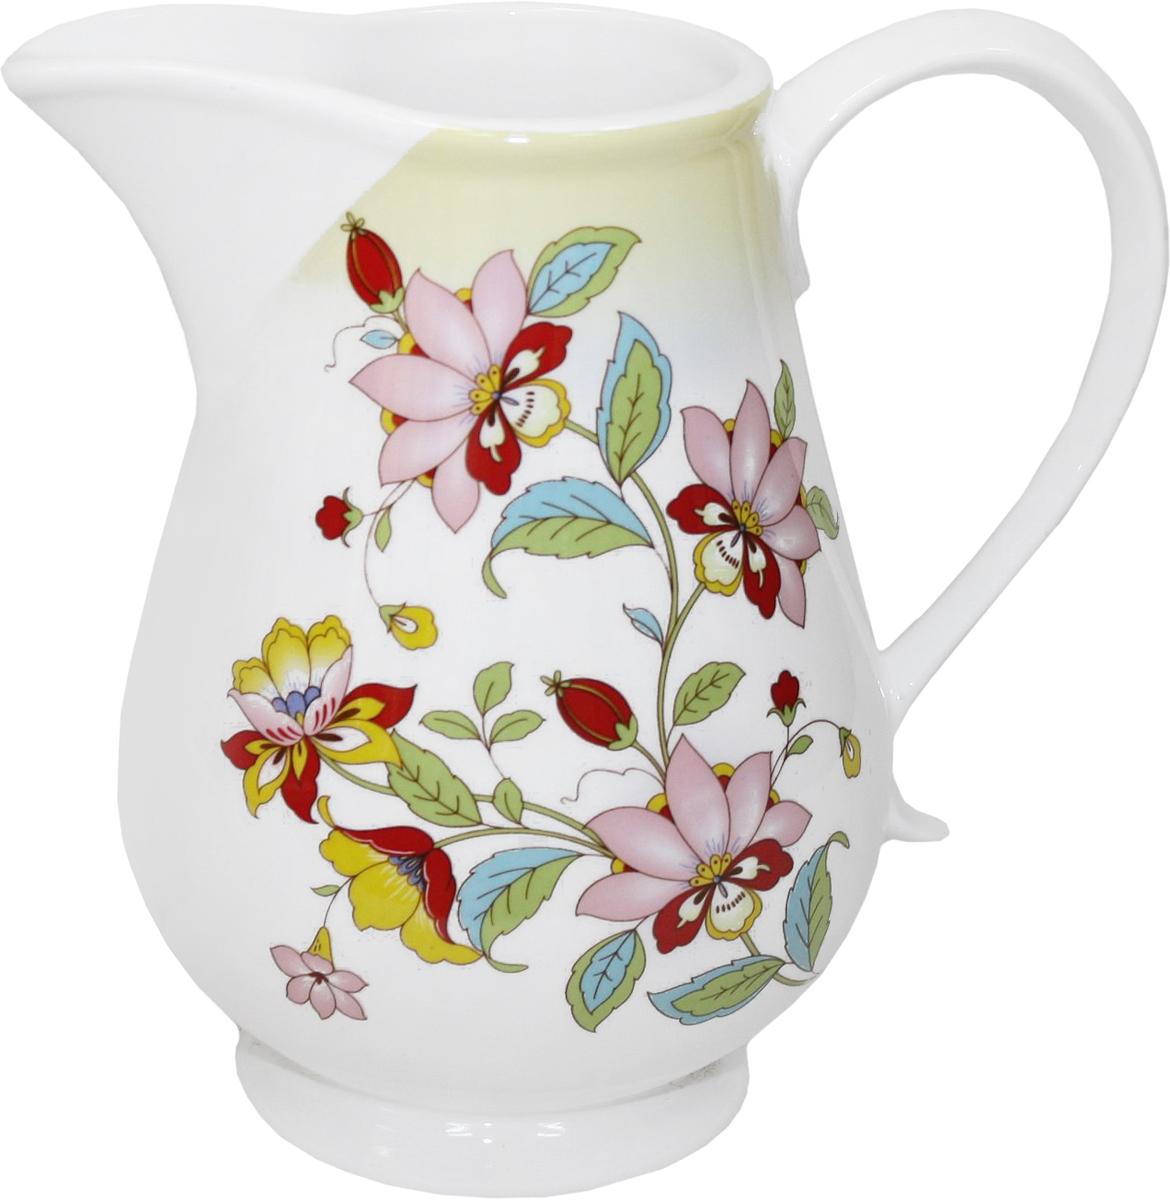 Кувшин Azulejo Espanol Ceramica Sunny Flowers, 1,4 лVT-1520(SR)Кувшин Azulejo Espanol Ceramica Sunny Flowers сочетает в себе кухонную практичность и декоративную утонченность.Он оформлен художественной печатью и станет отличным украшением вашего интерьера.